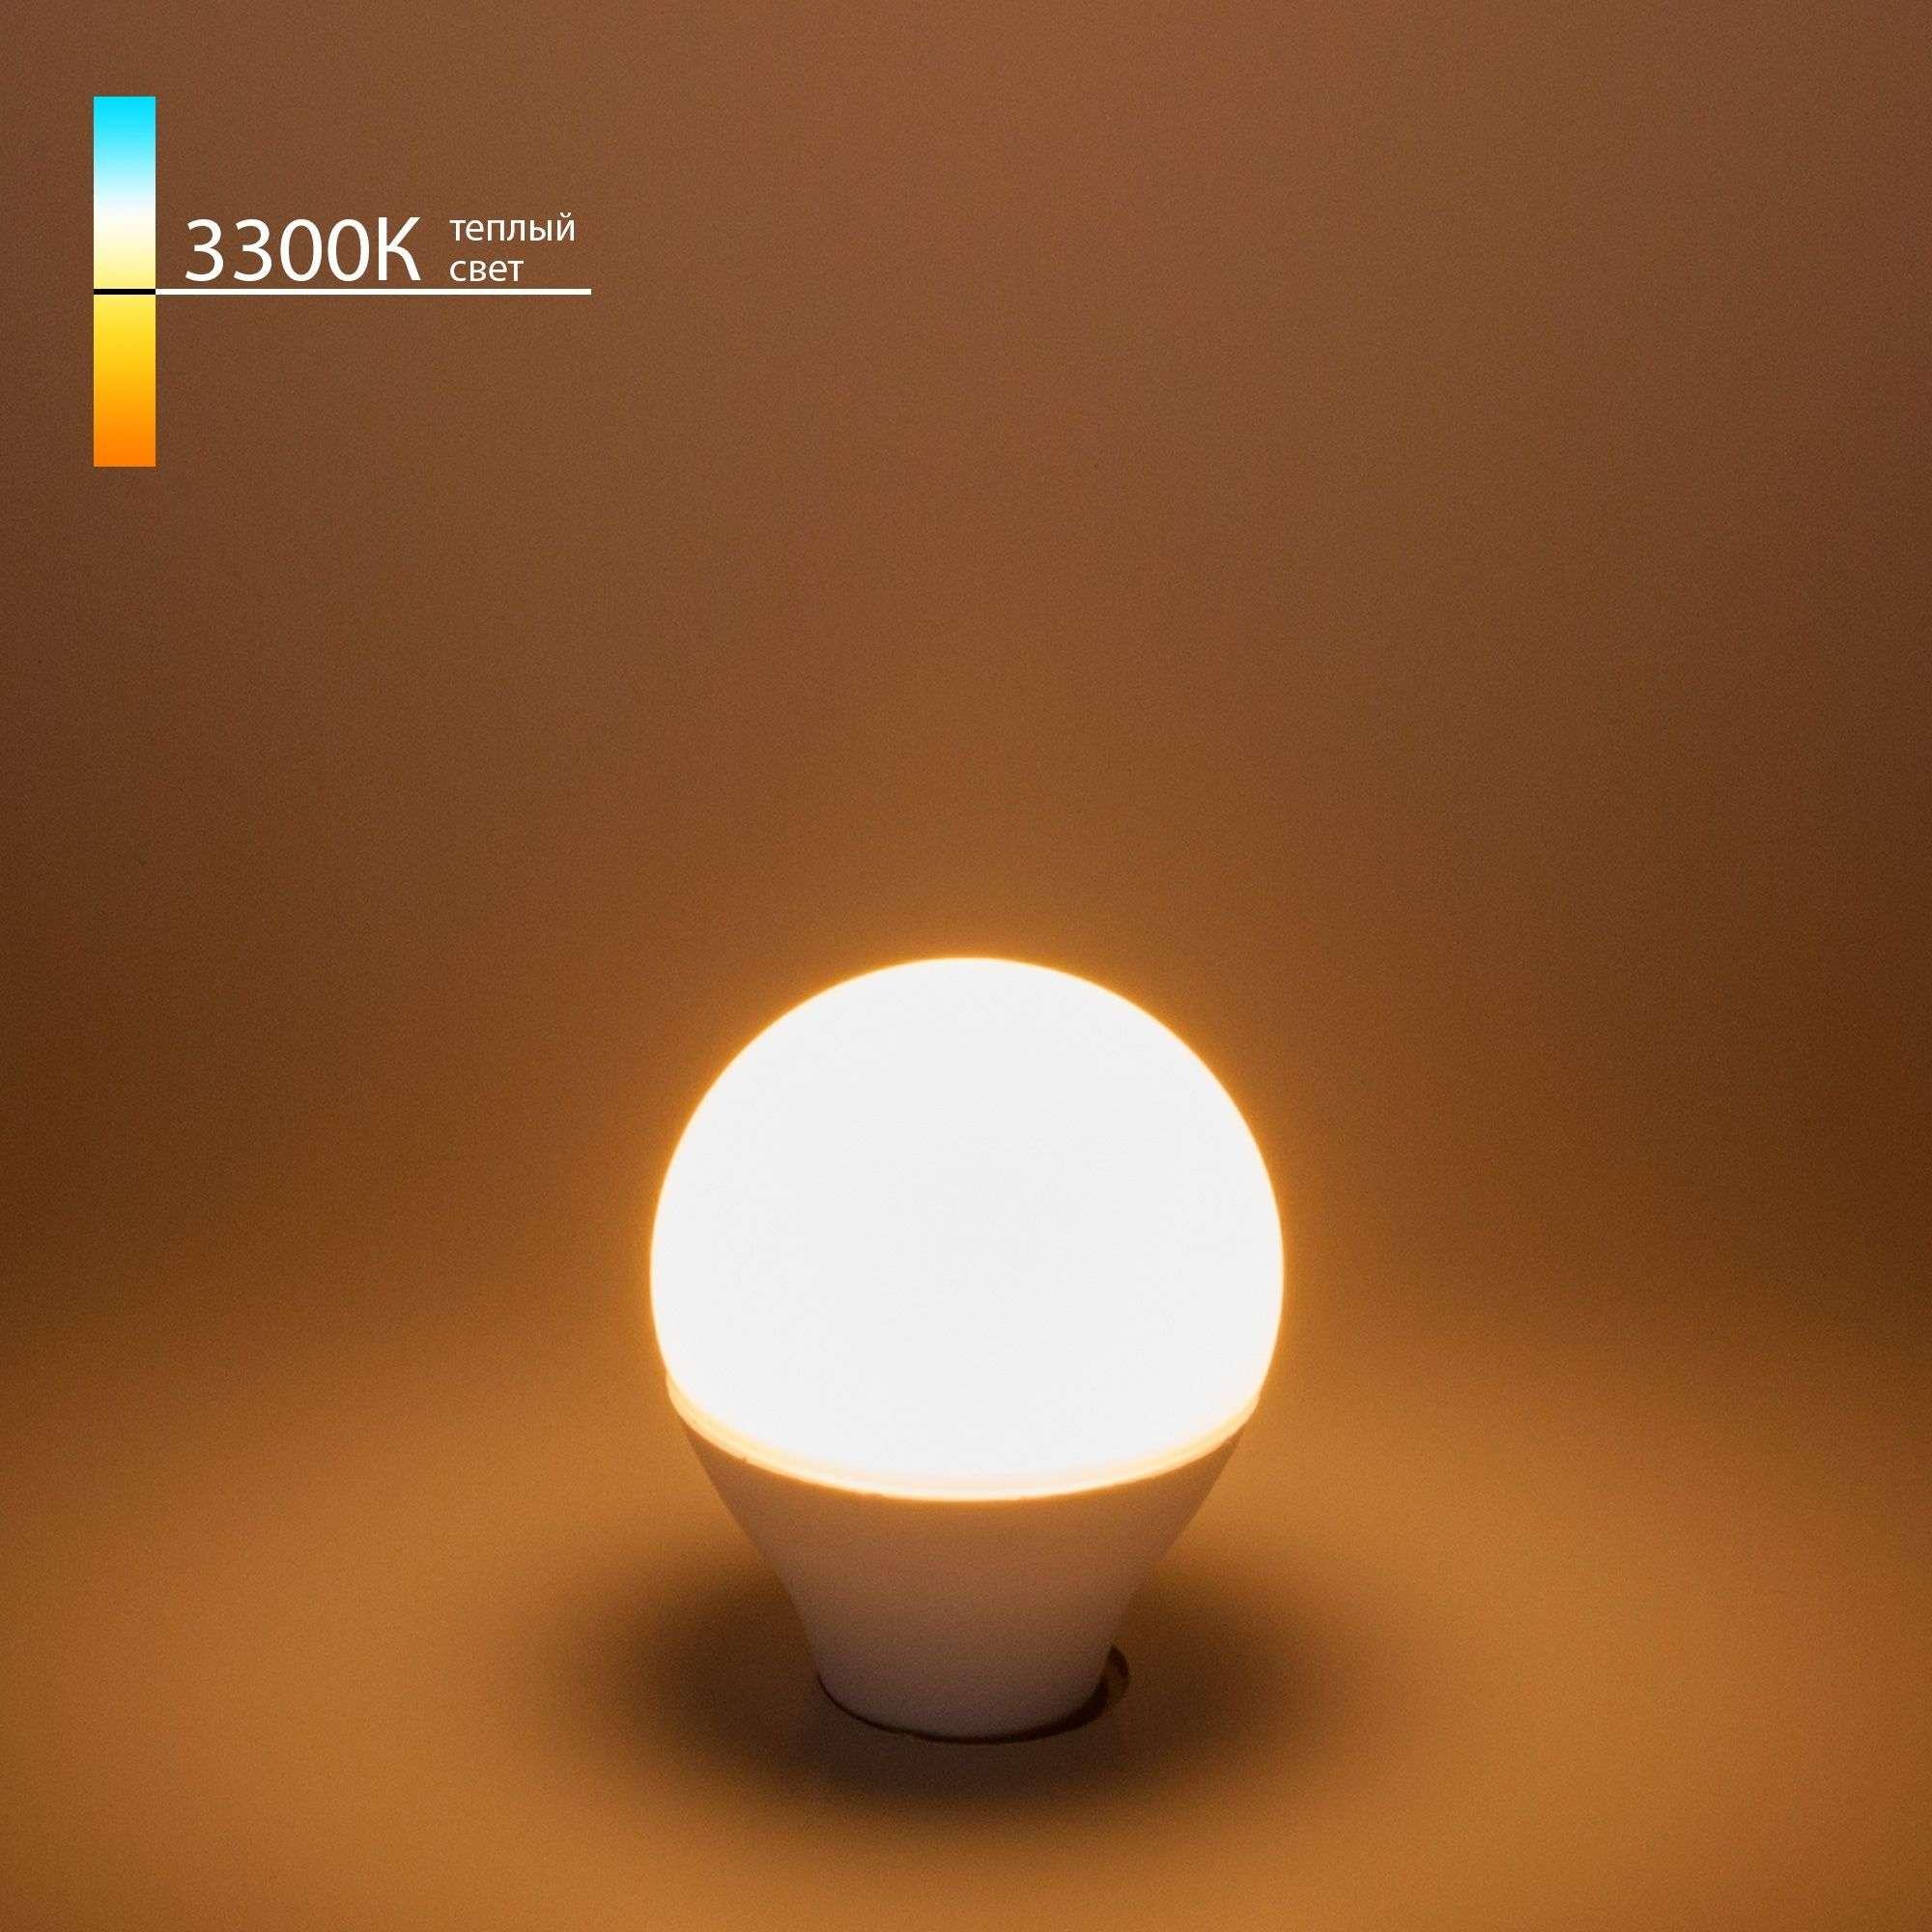 Светодиодная лампа G45 7W 3300K E14 Mini Classic LED 7W 3300K E14 матовое стекло